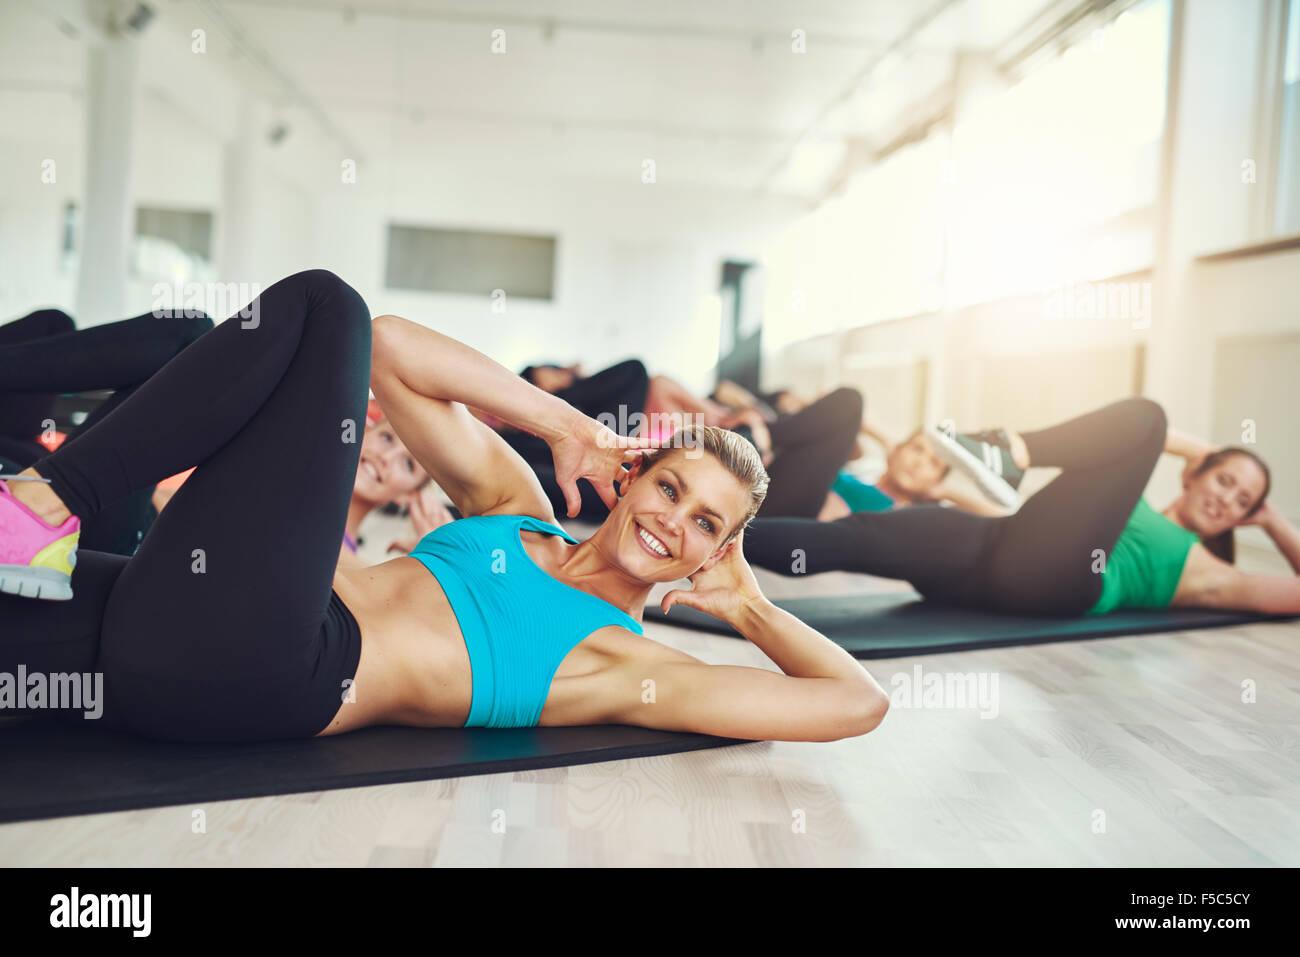 Lächelnde attraktive junge Frau Aerobic im Fitness-Studio mit einer Gruppe von jungen Frauen in einem Gesundheits Stockbild